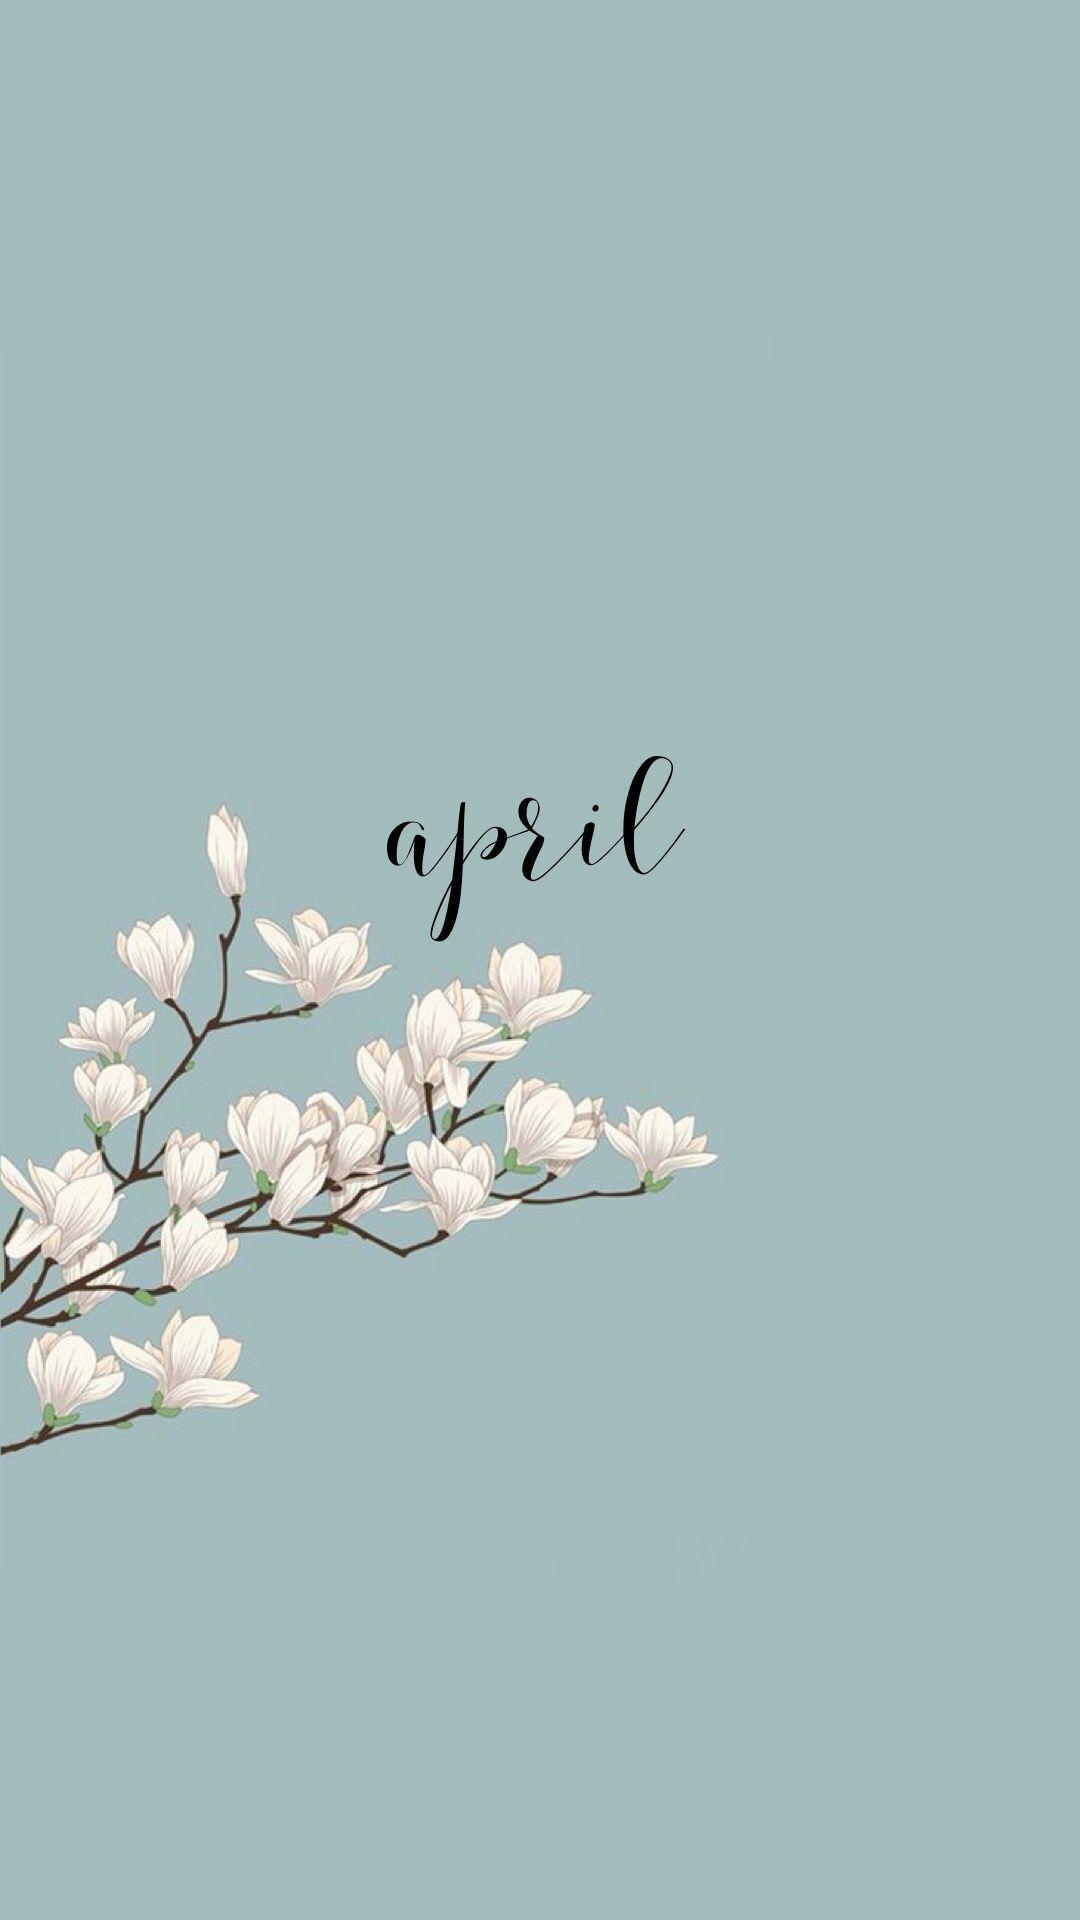 April Wallpaper Happyfallyallwallpaper 698128379722892273 In 2020